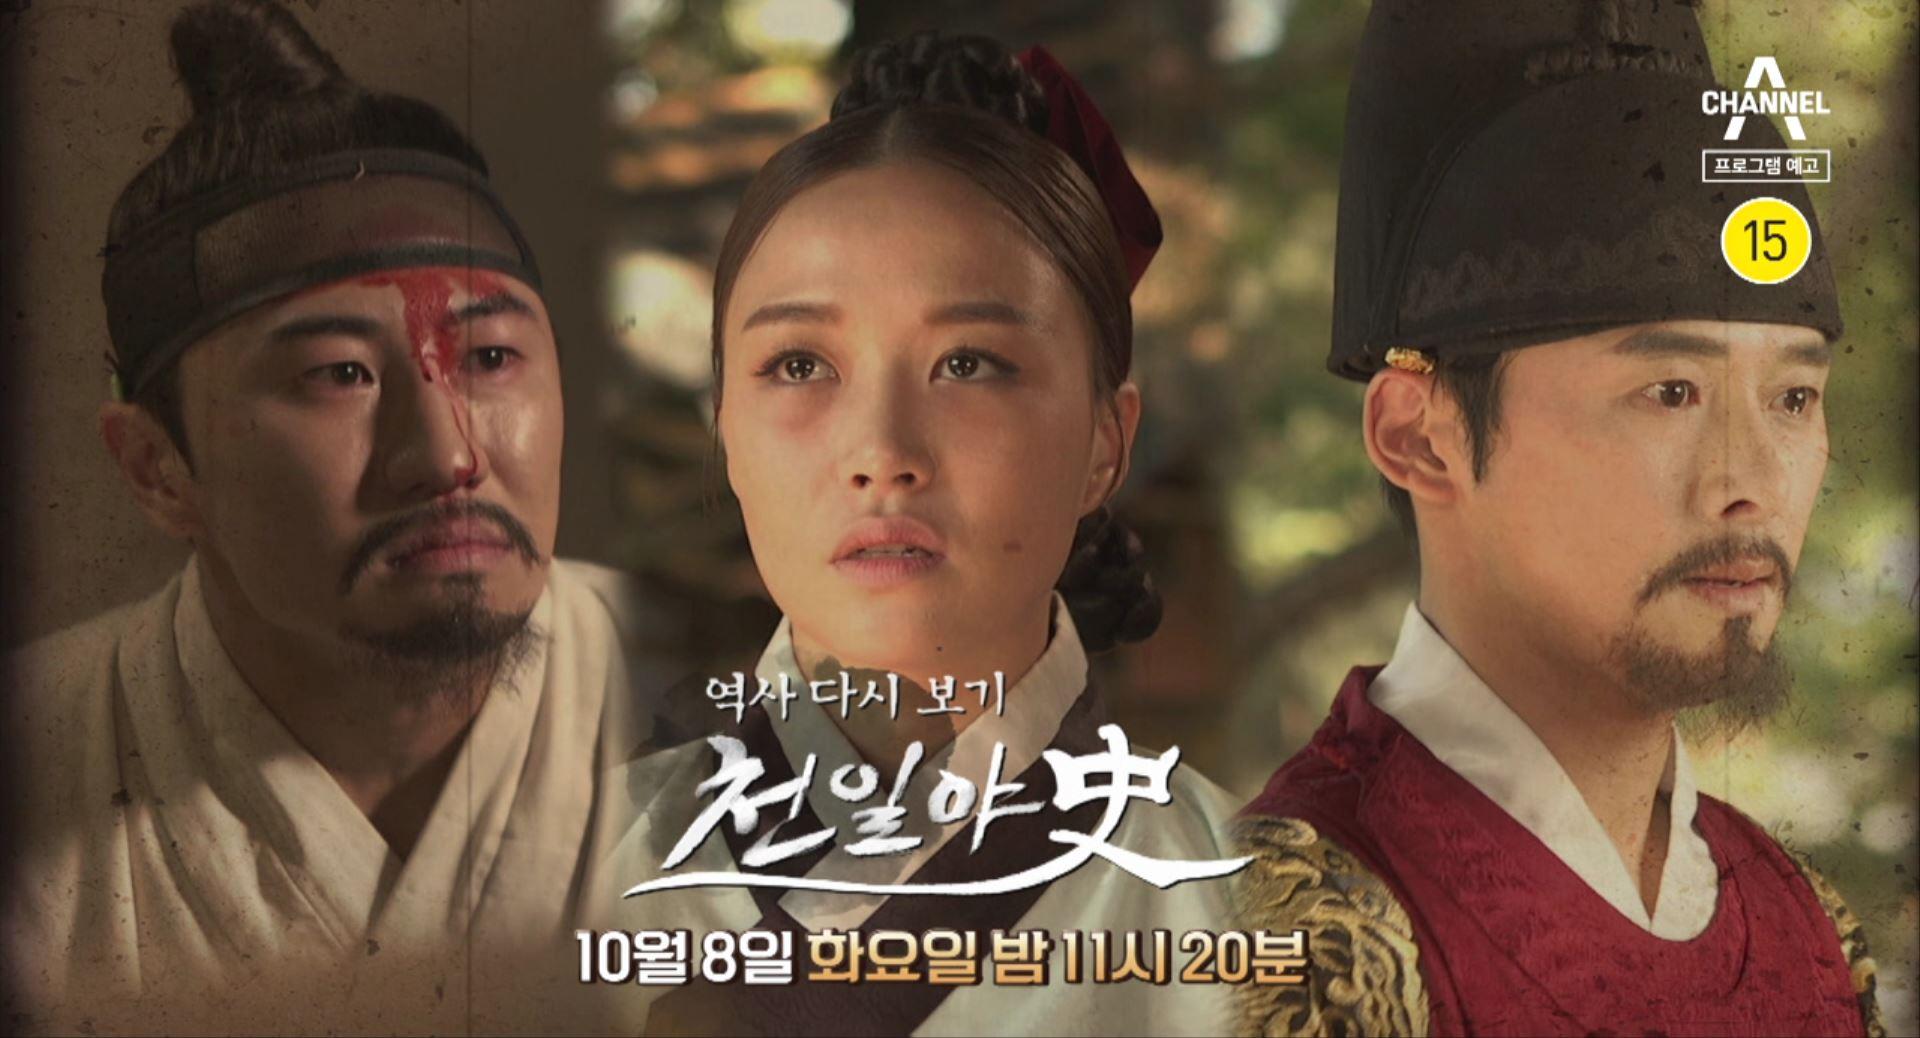 [예고] 신하와 궁녀의 금지된 만남, 조선 궁중 스캔들....